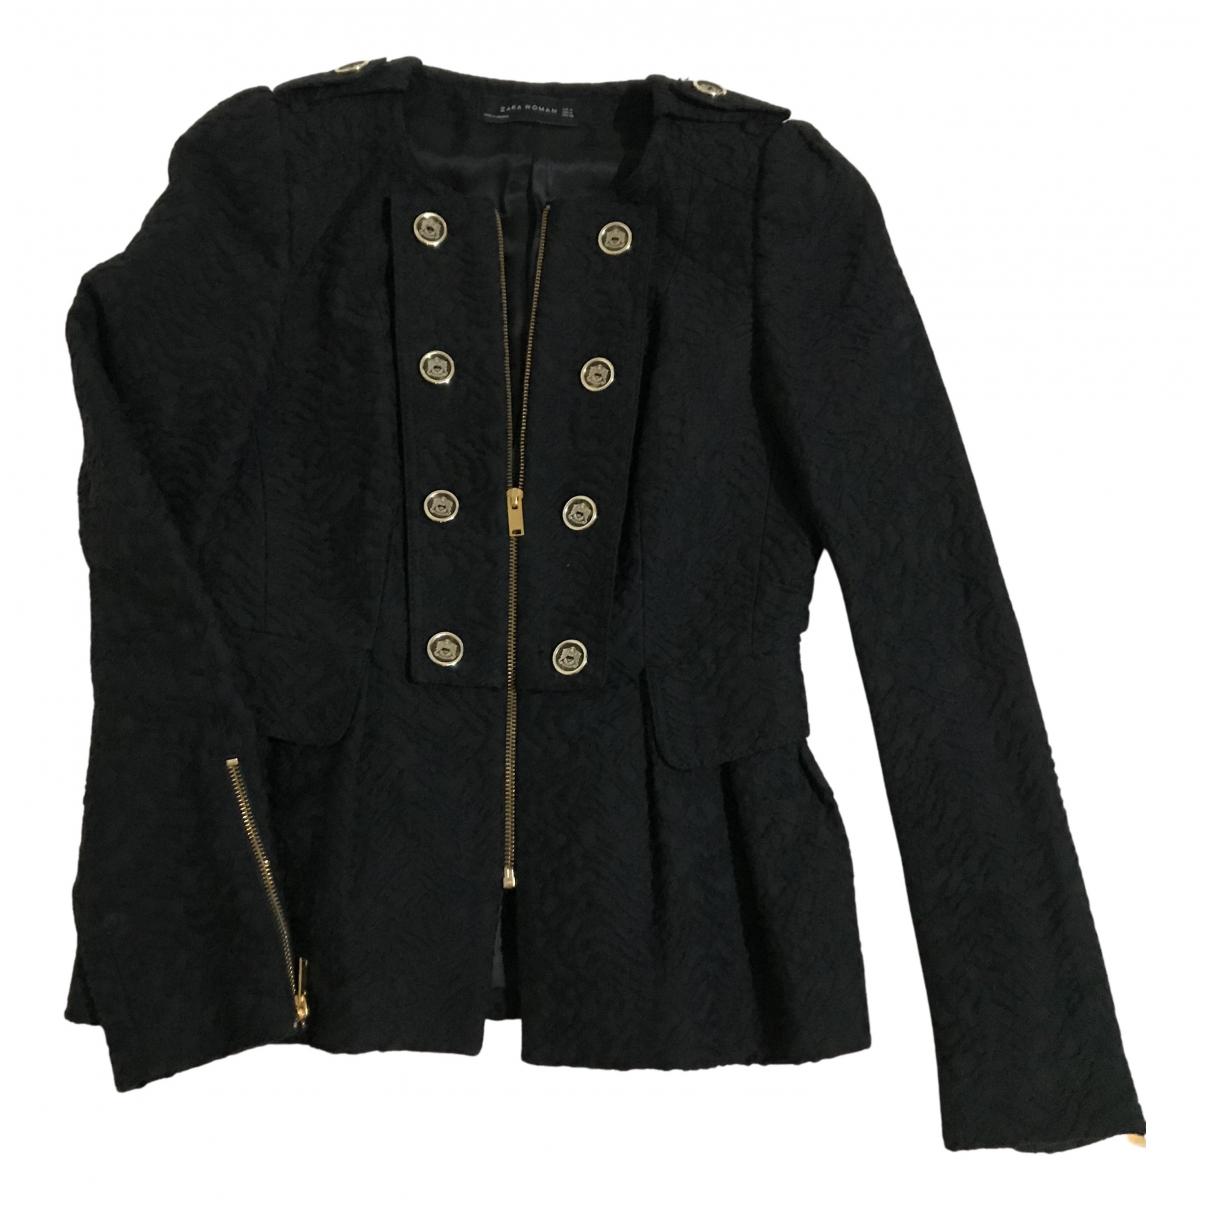 Zara \N Jacke in  Schwarz Wolle